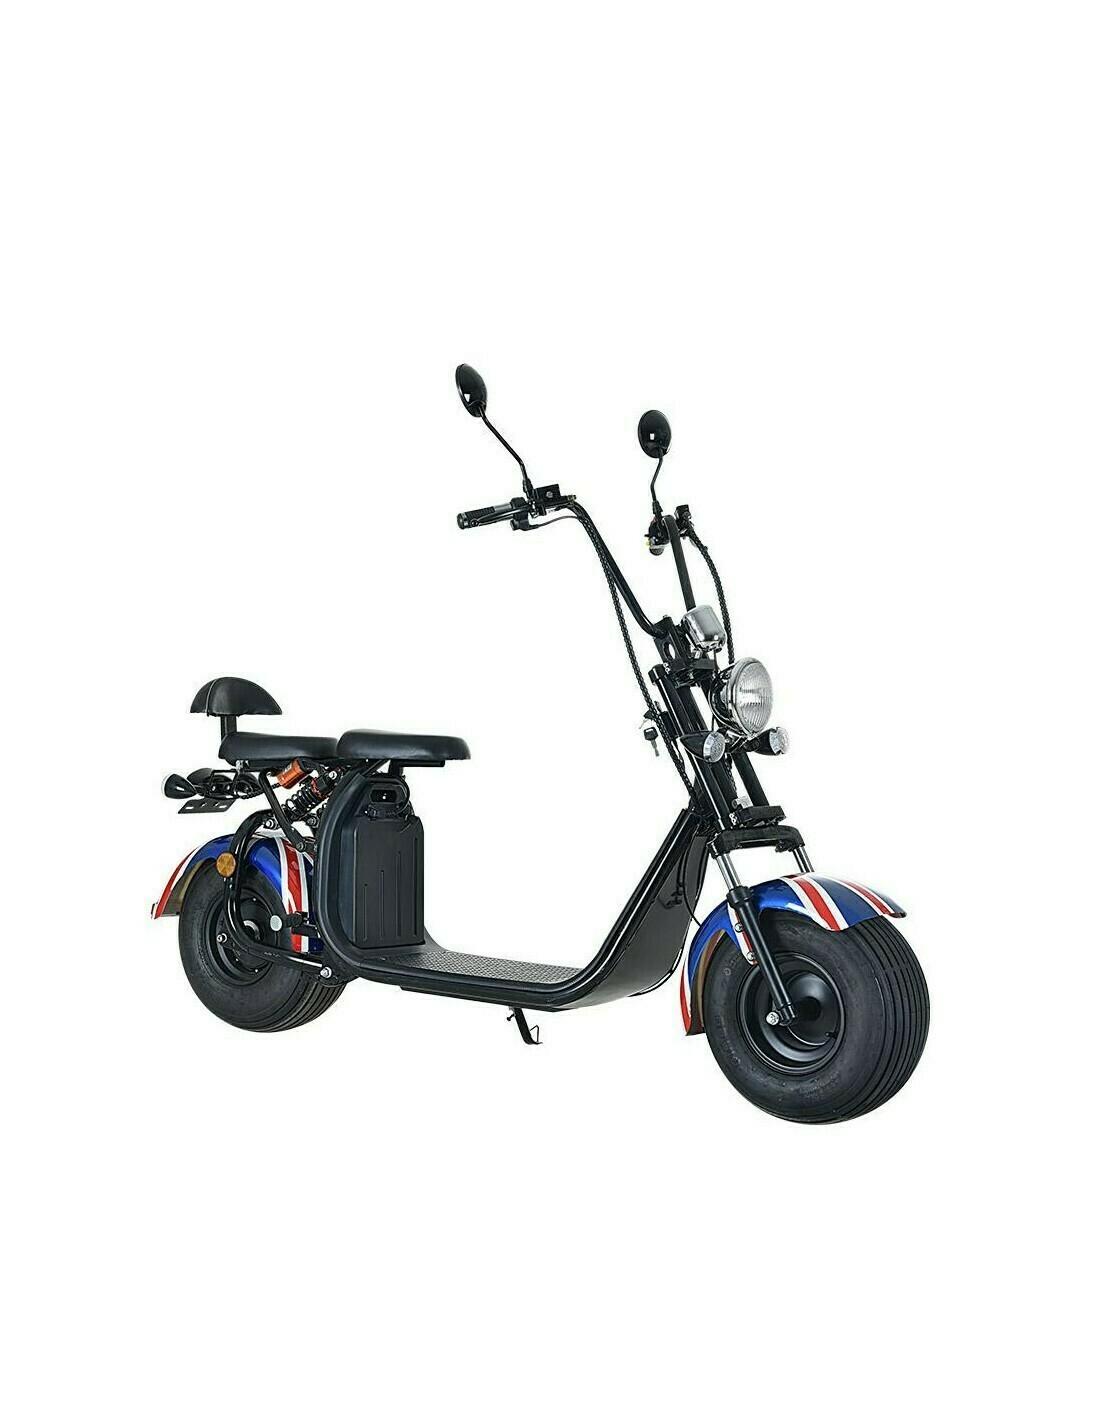 Scooter  Electrique City Coco Cool Homologué Route - Carte grise -  Drapeau UK